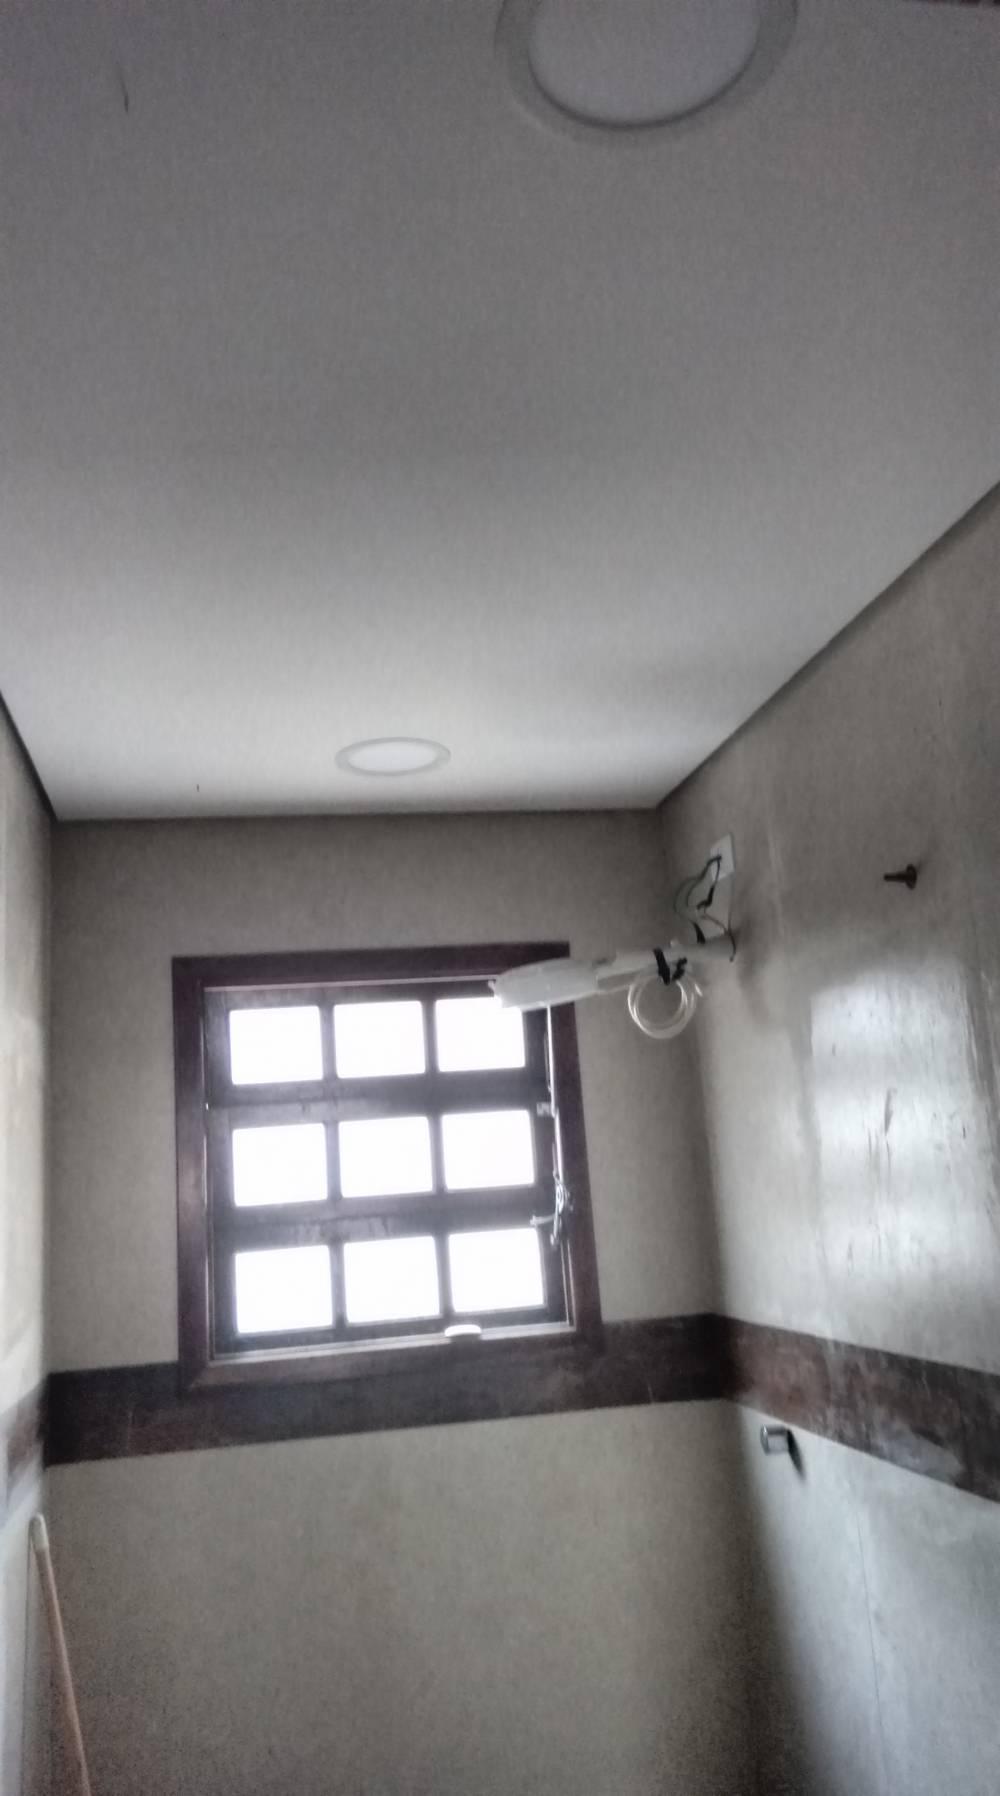 Reparos em Residências Preço na Chácara Maria Aparecida - Pequenos Reparos em Casas